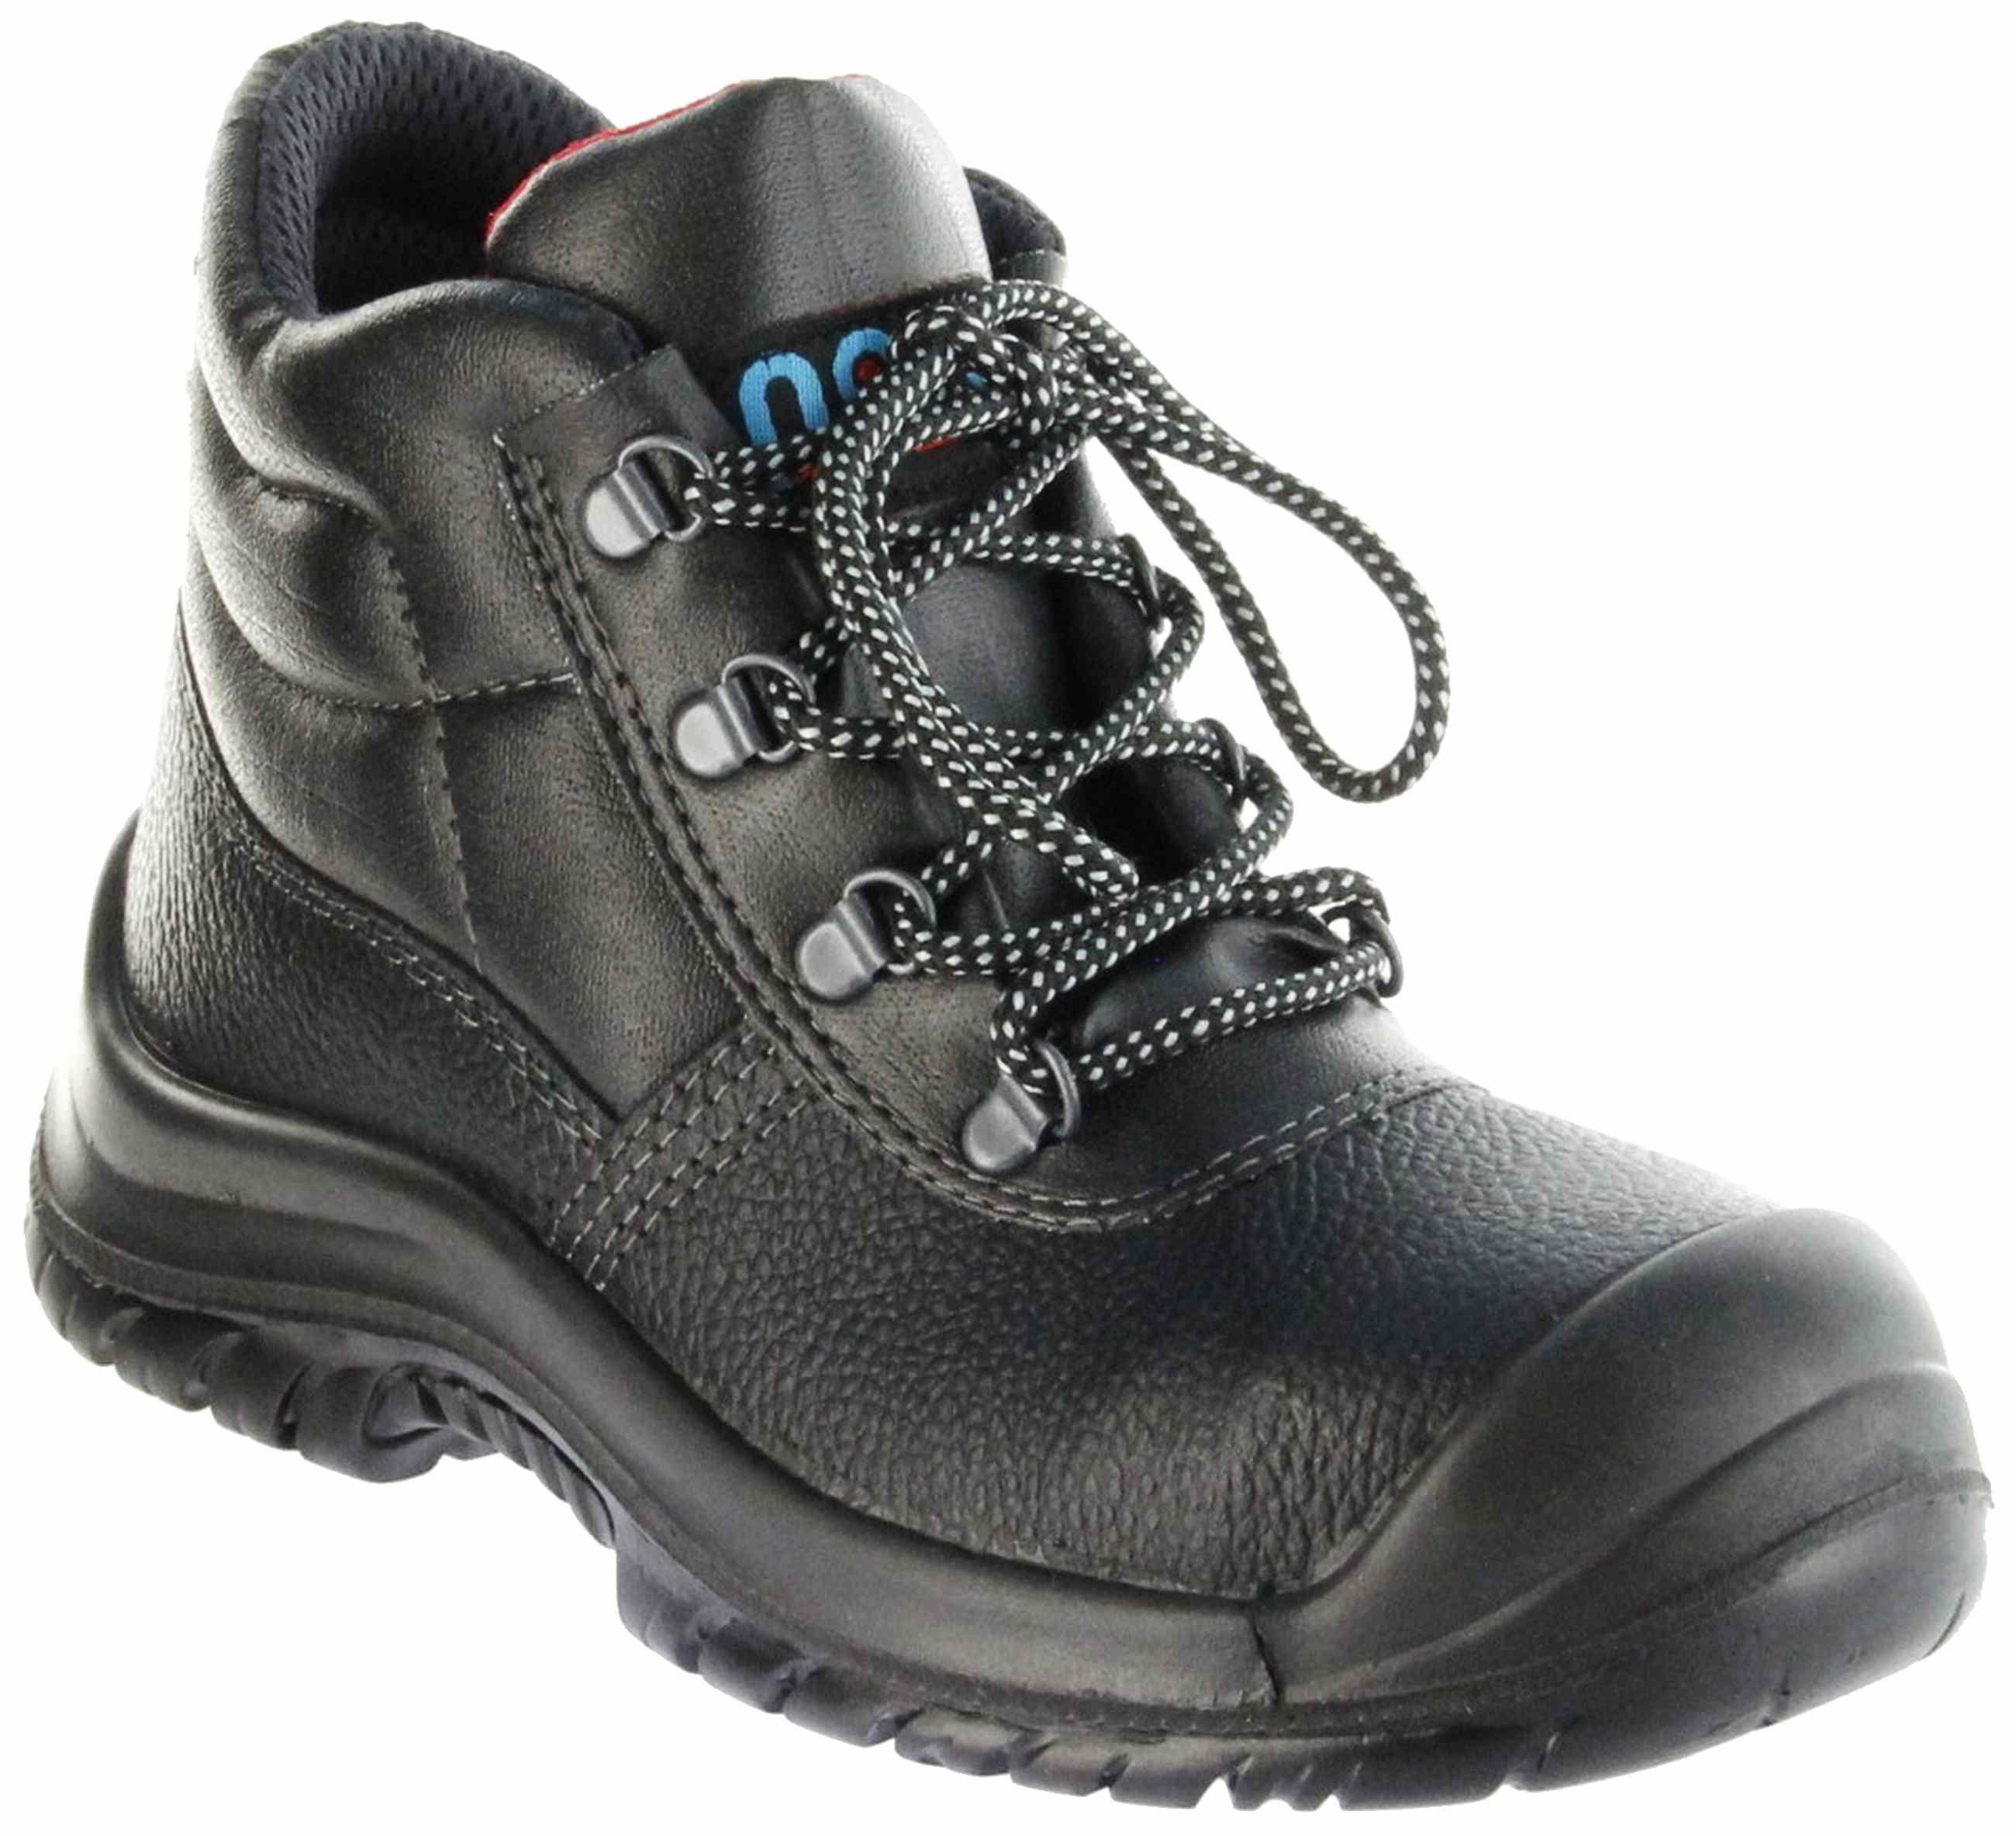 on sale e6624 54a42 NORA Sicherheitsschuhe schwarz S3 Herren Damen Arbeits-Schutz-Schuhe Cuno U  73384